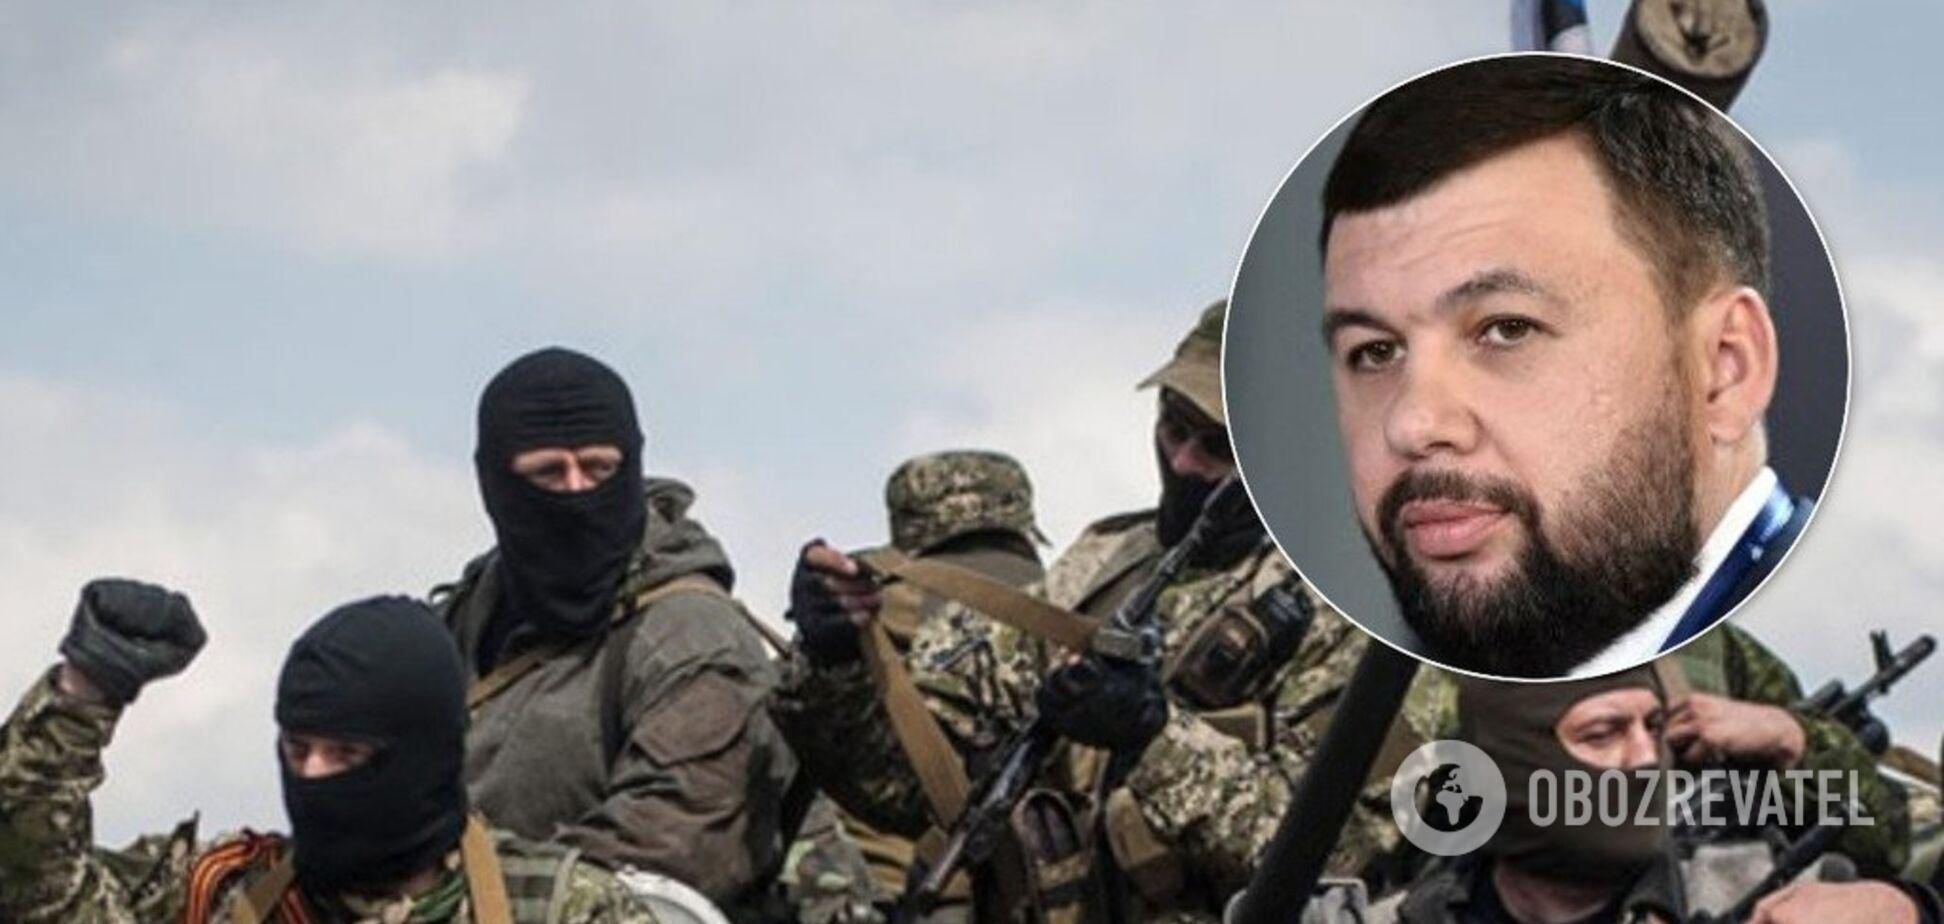 'Вопрос назрел': Пушилин заявил о радикальных мерах в 'ДНР'